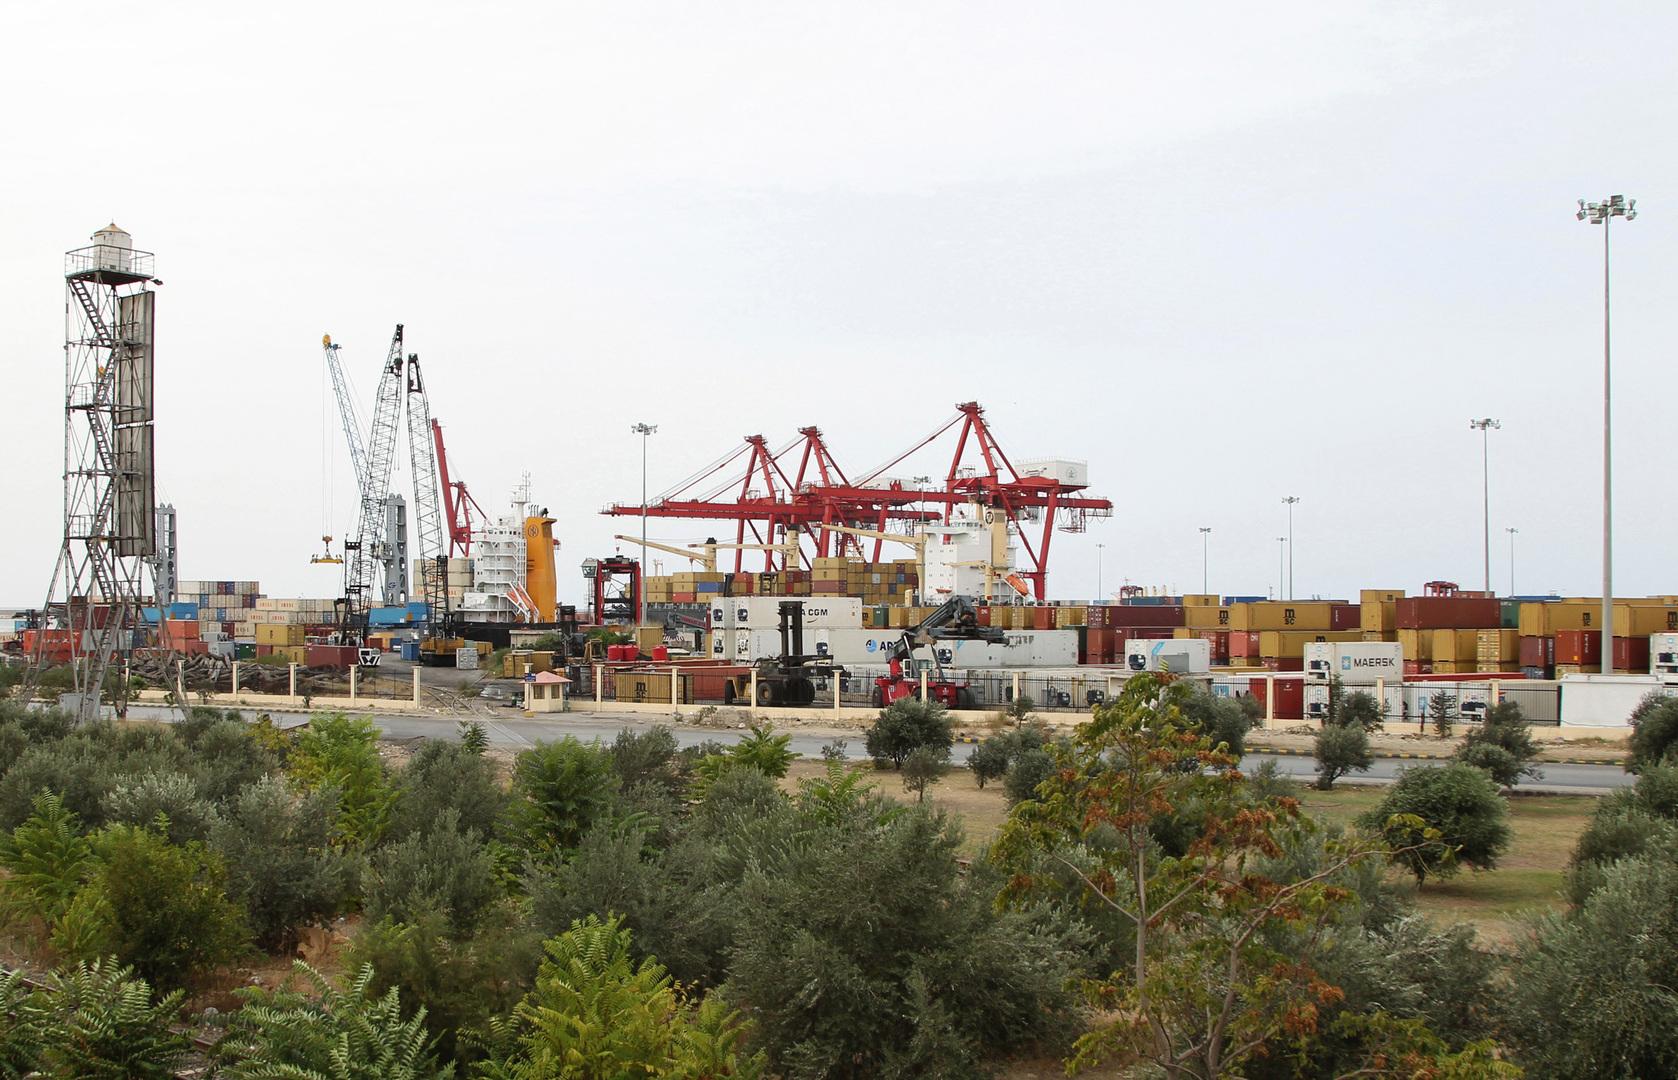 اتحاد صناعات: الصومال بوابة سوريا إلى الأسواق الإفريقية لمجموعة من المنتجات